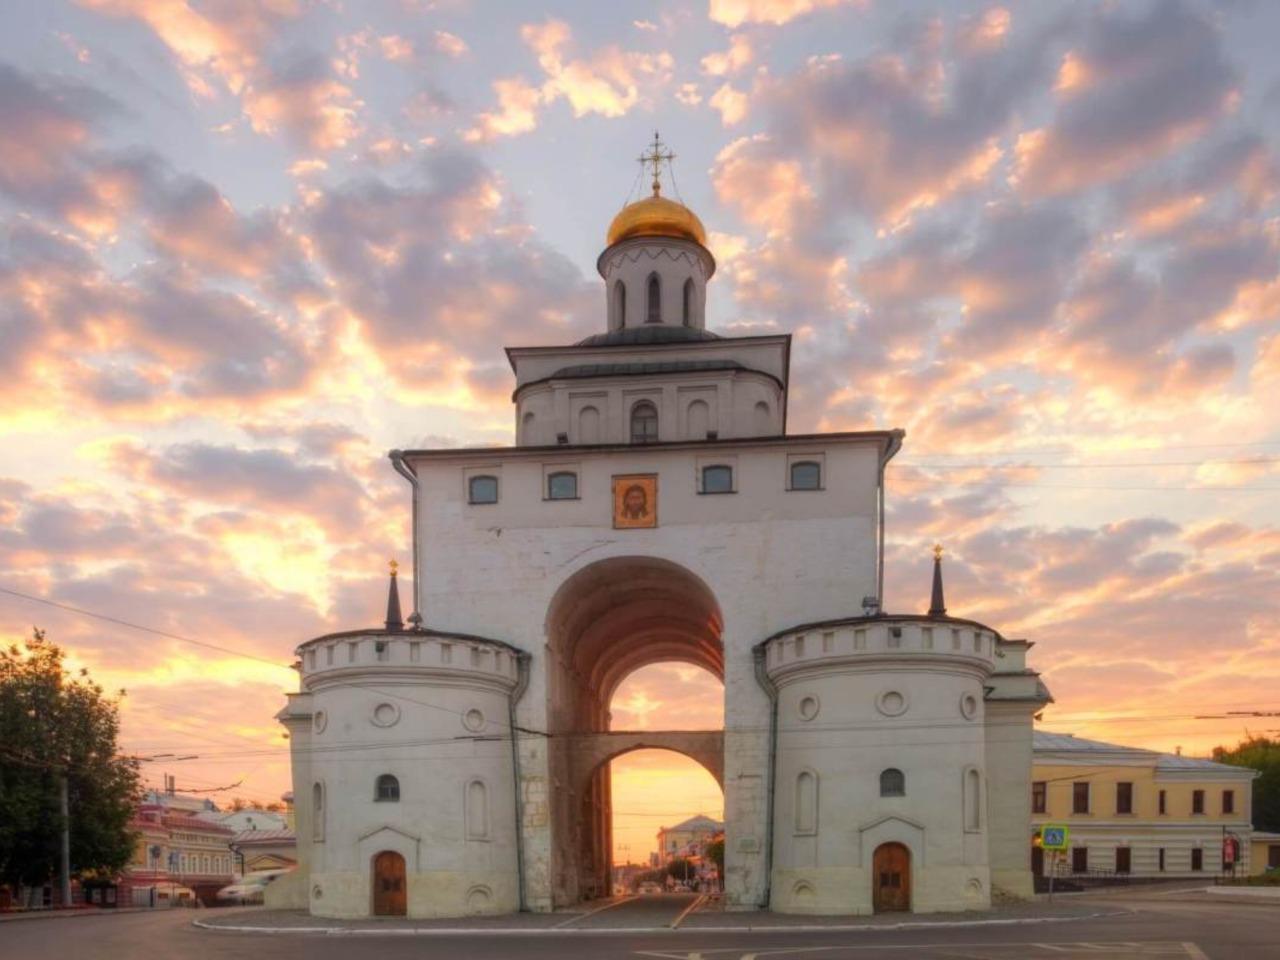 Владимир древний, пряный, многоликий - индивидуальная экскурсия во Владимире от опытного гида